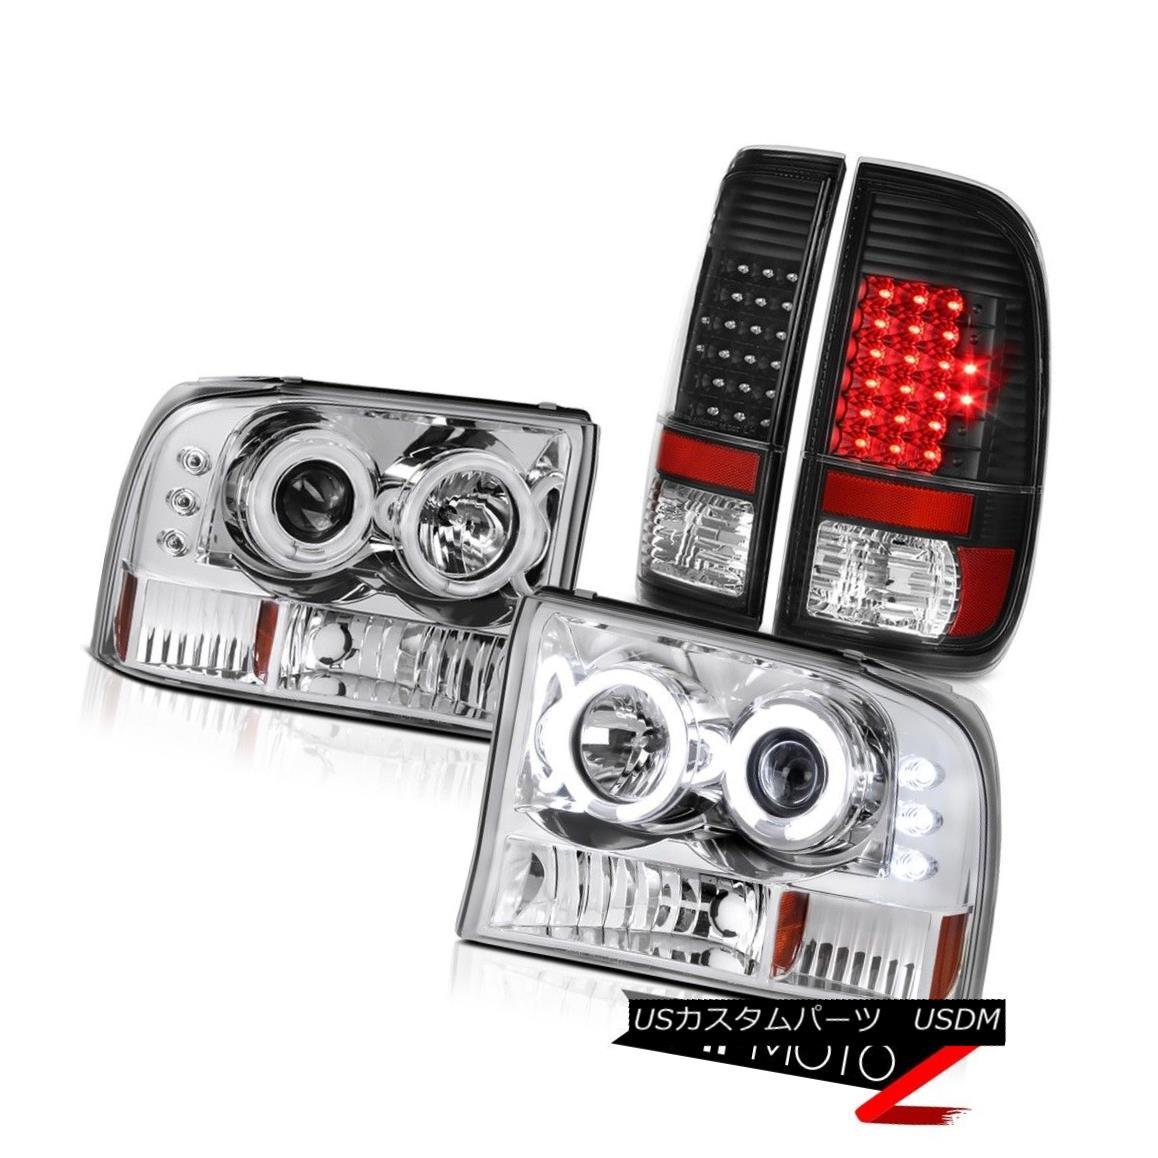 テールライト Projector Headlights CCFL Halo Black LED Tail Lamps 1999-2004 Ford F-250 F-350 プロジェクターヘッドライトCCFL Halo Black LEDテールランプ1999-2004 Ford F-250 F-350